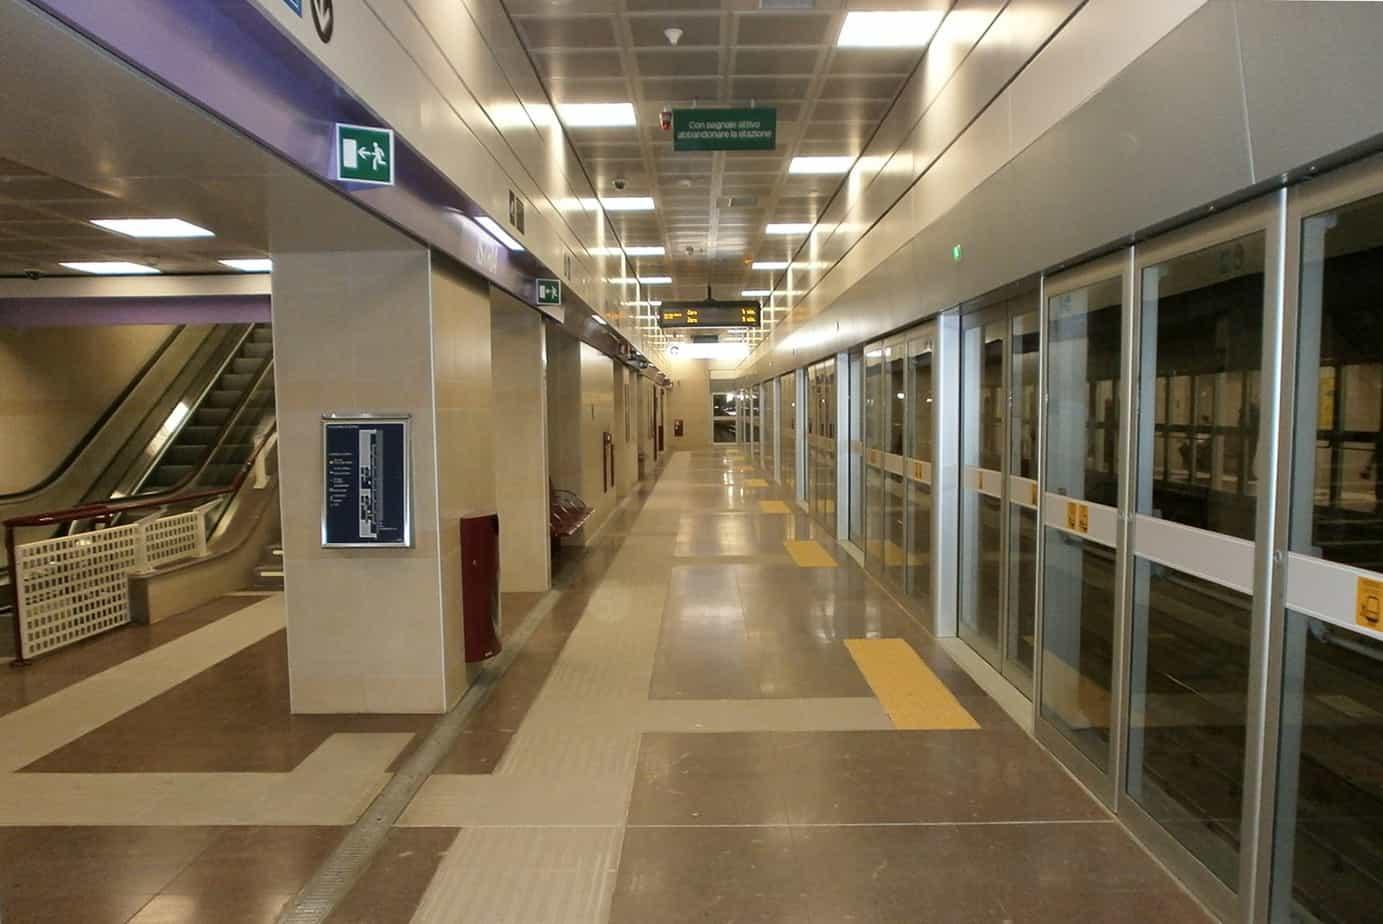 La banchina della stazione Istria della metropolitana lilla di Milano